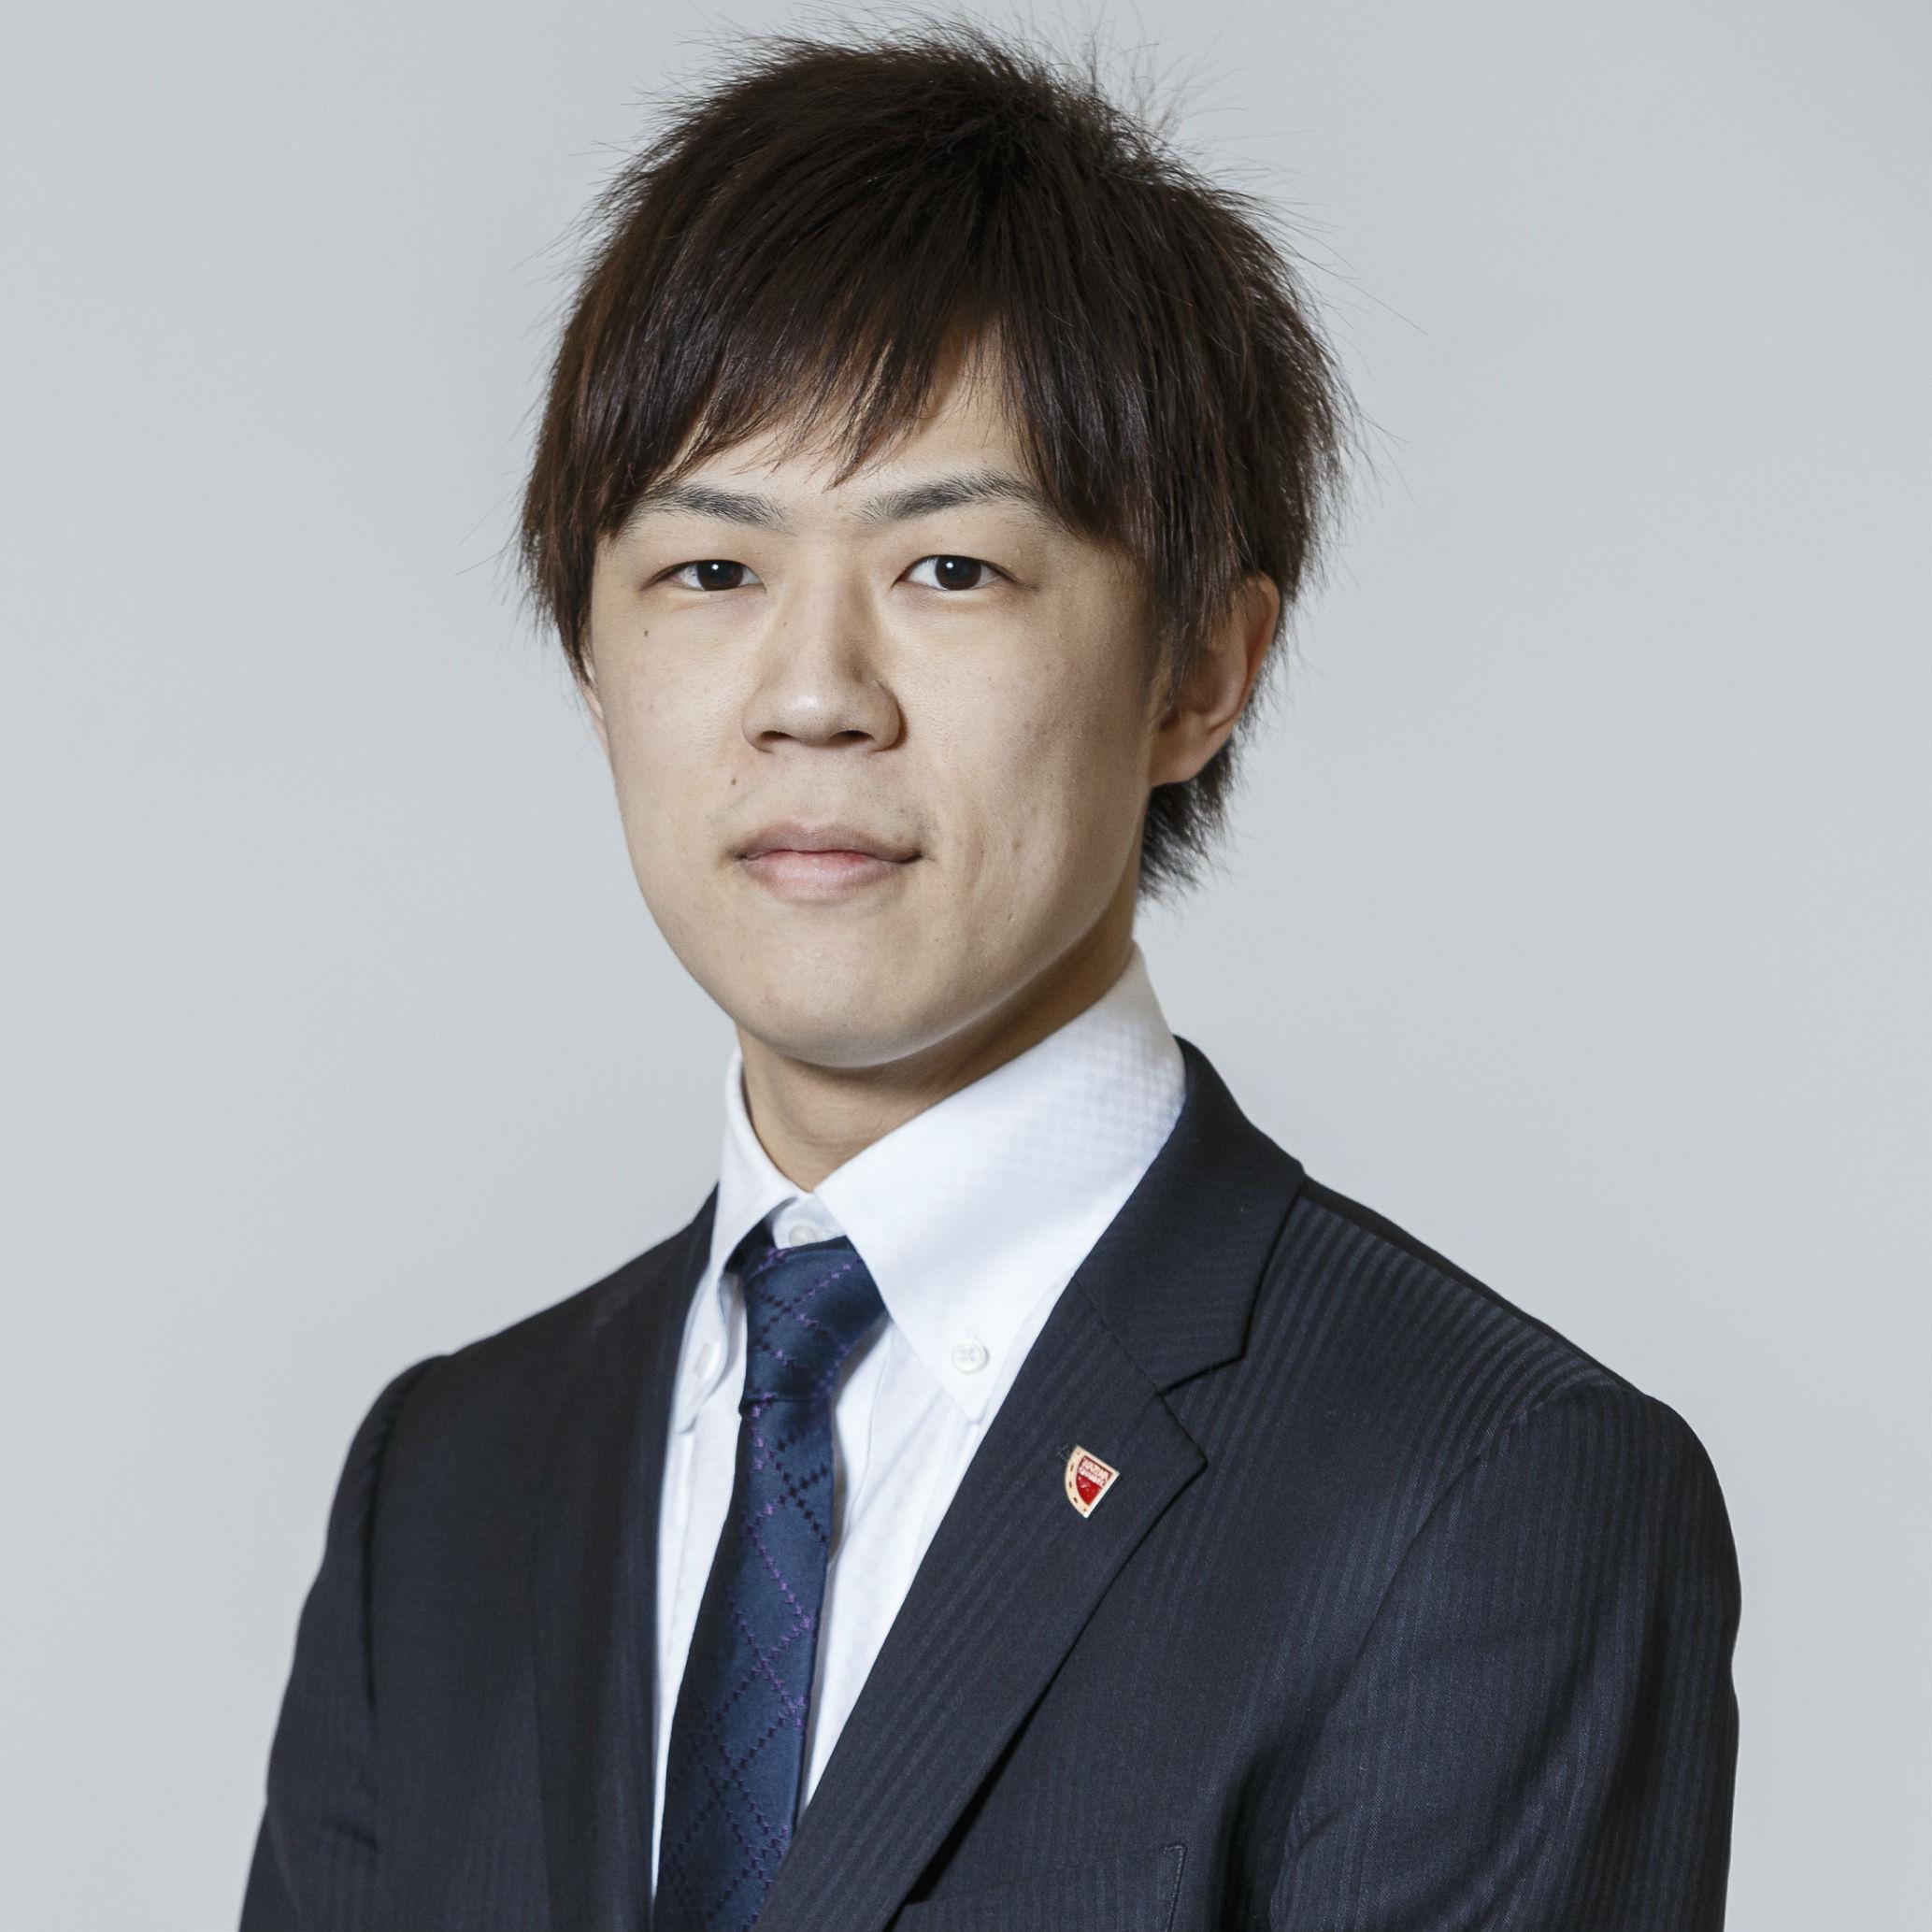 日本はなぜ「日独伊三国同盟」を選択したのか?